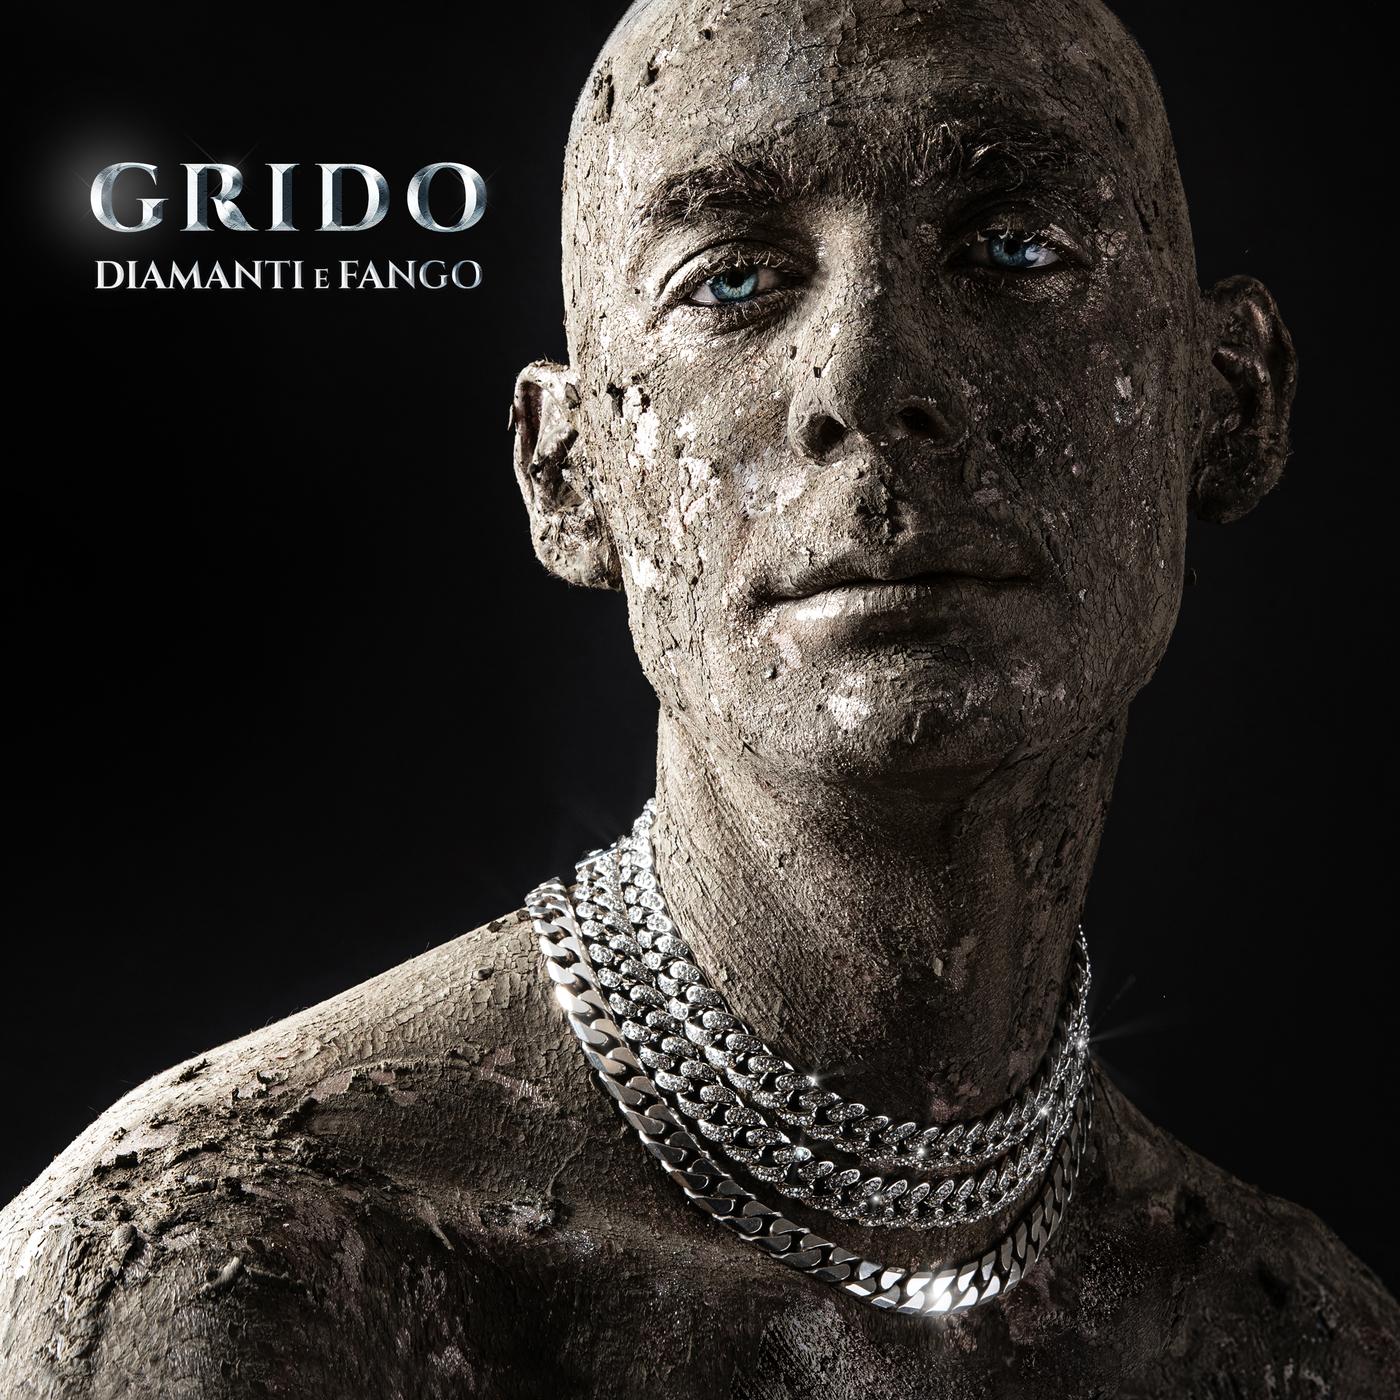 Diamanti e fango - Grido